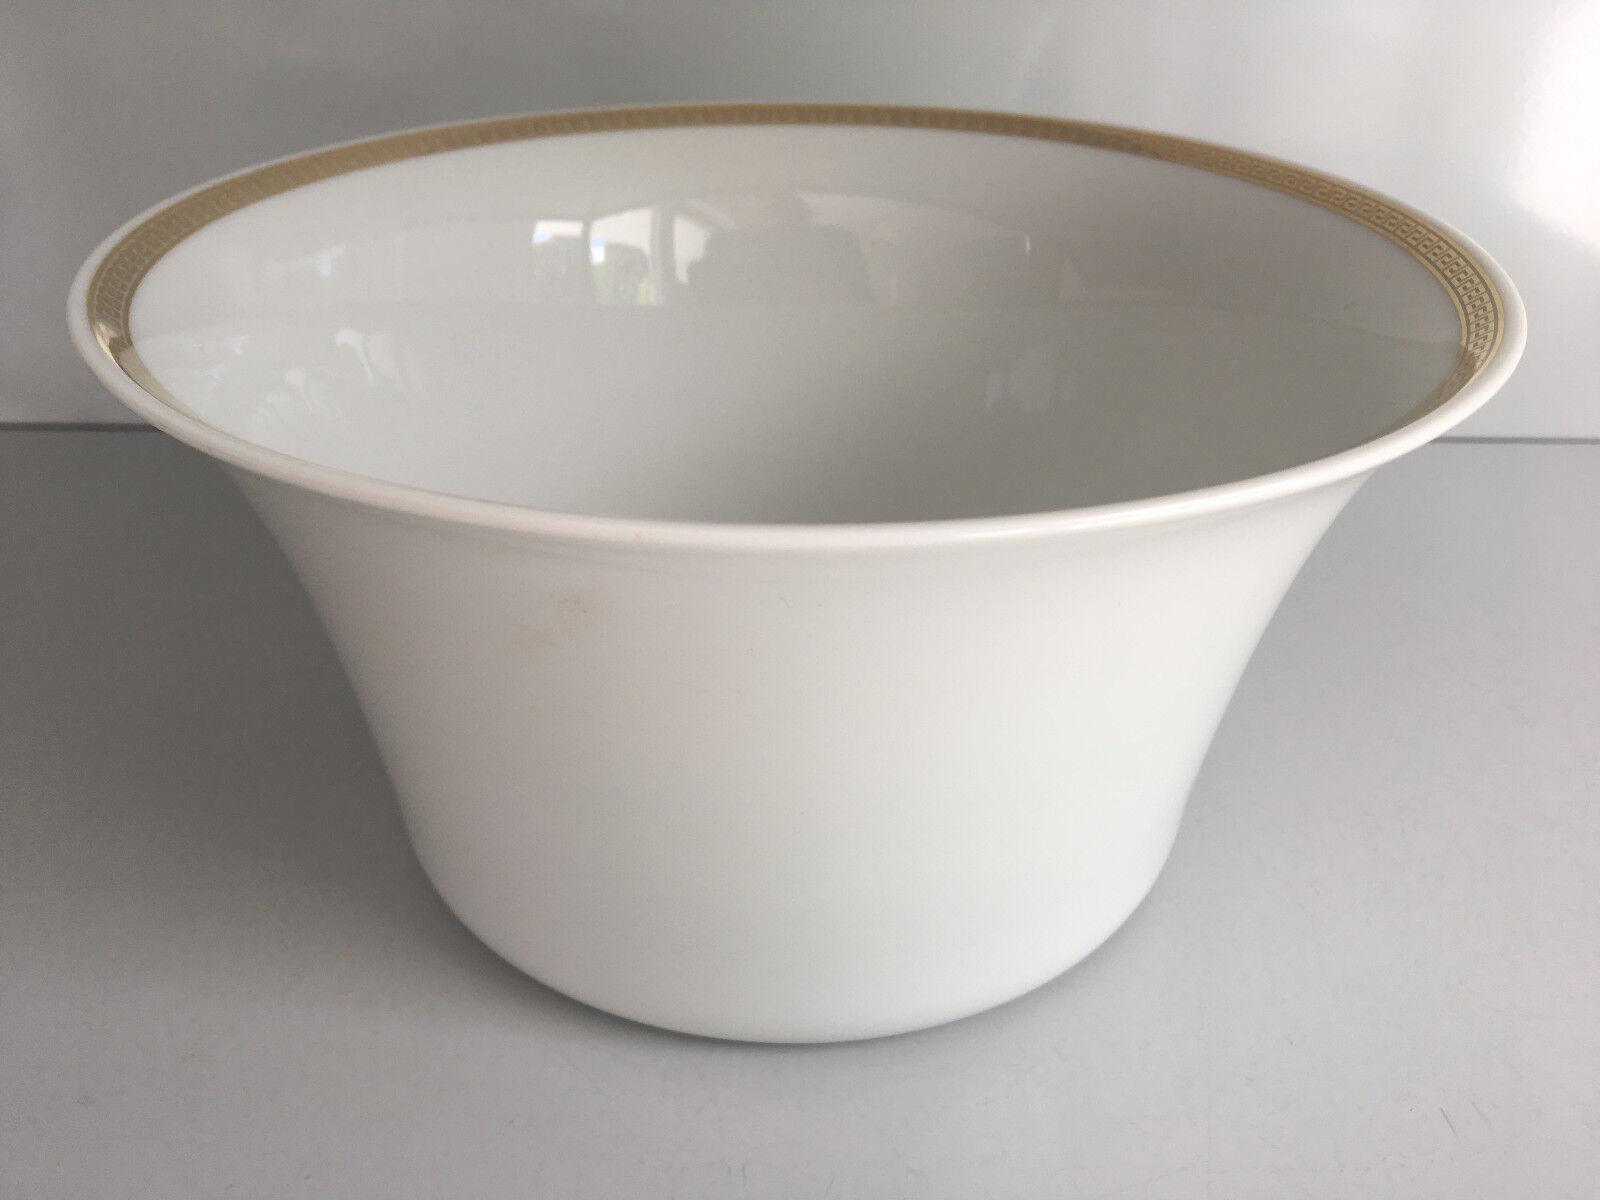 ROSENTHAL VERSACE médaillon MEANDRE d or Bol 20 cm Nouveau I. choix scolarisées Bowl